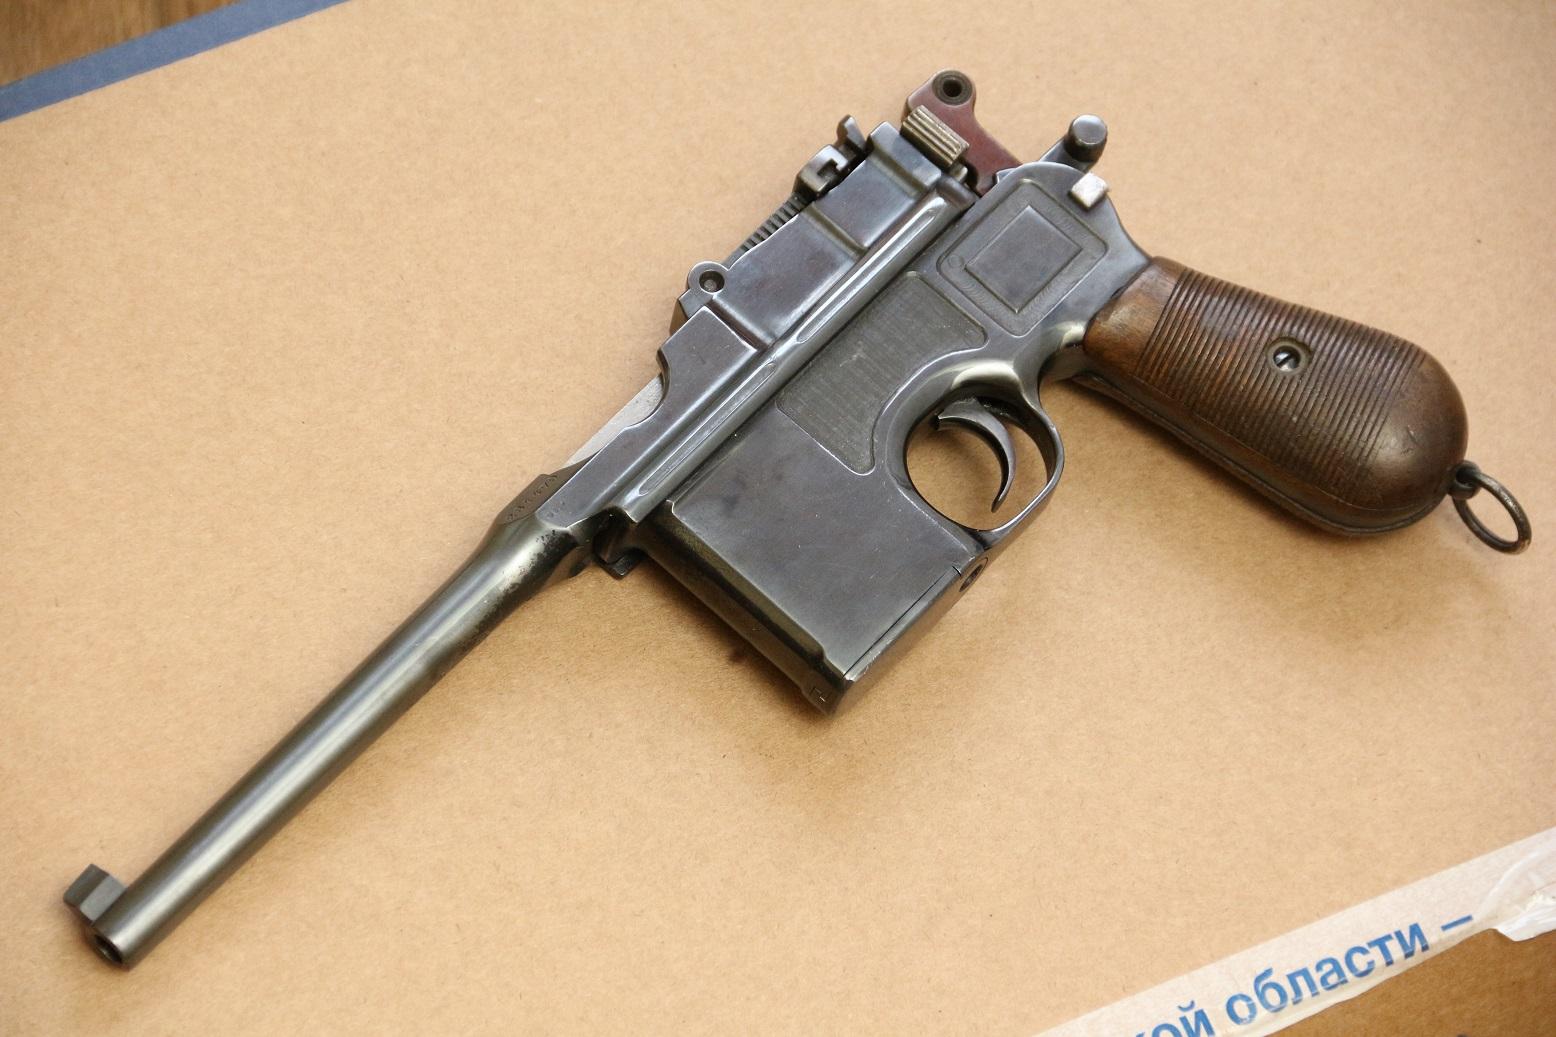 Маузер С96 #284470, военный коммерческий заказ, 1913 год